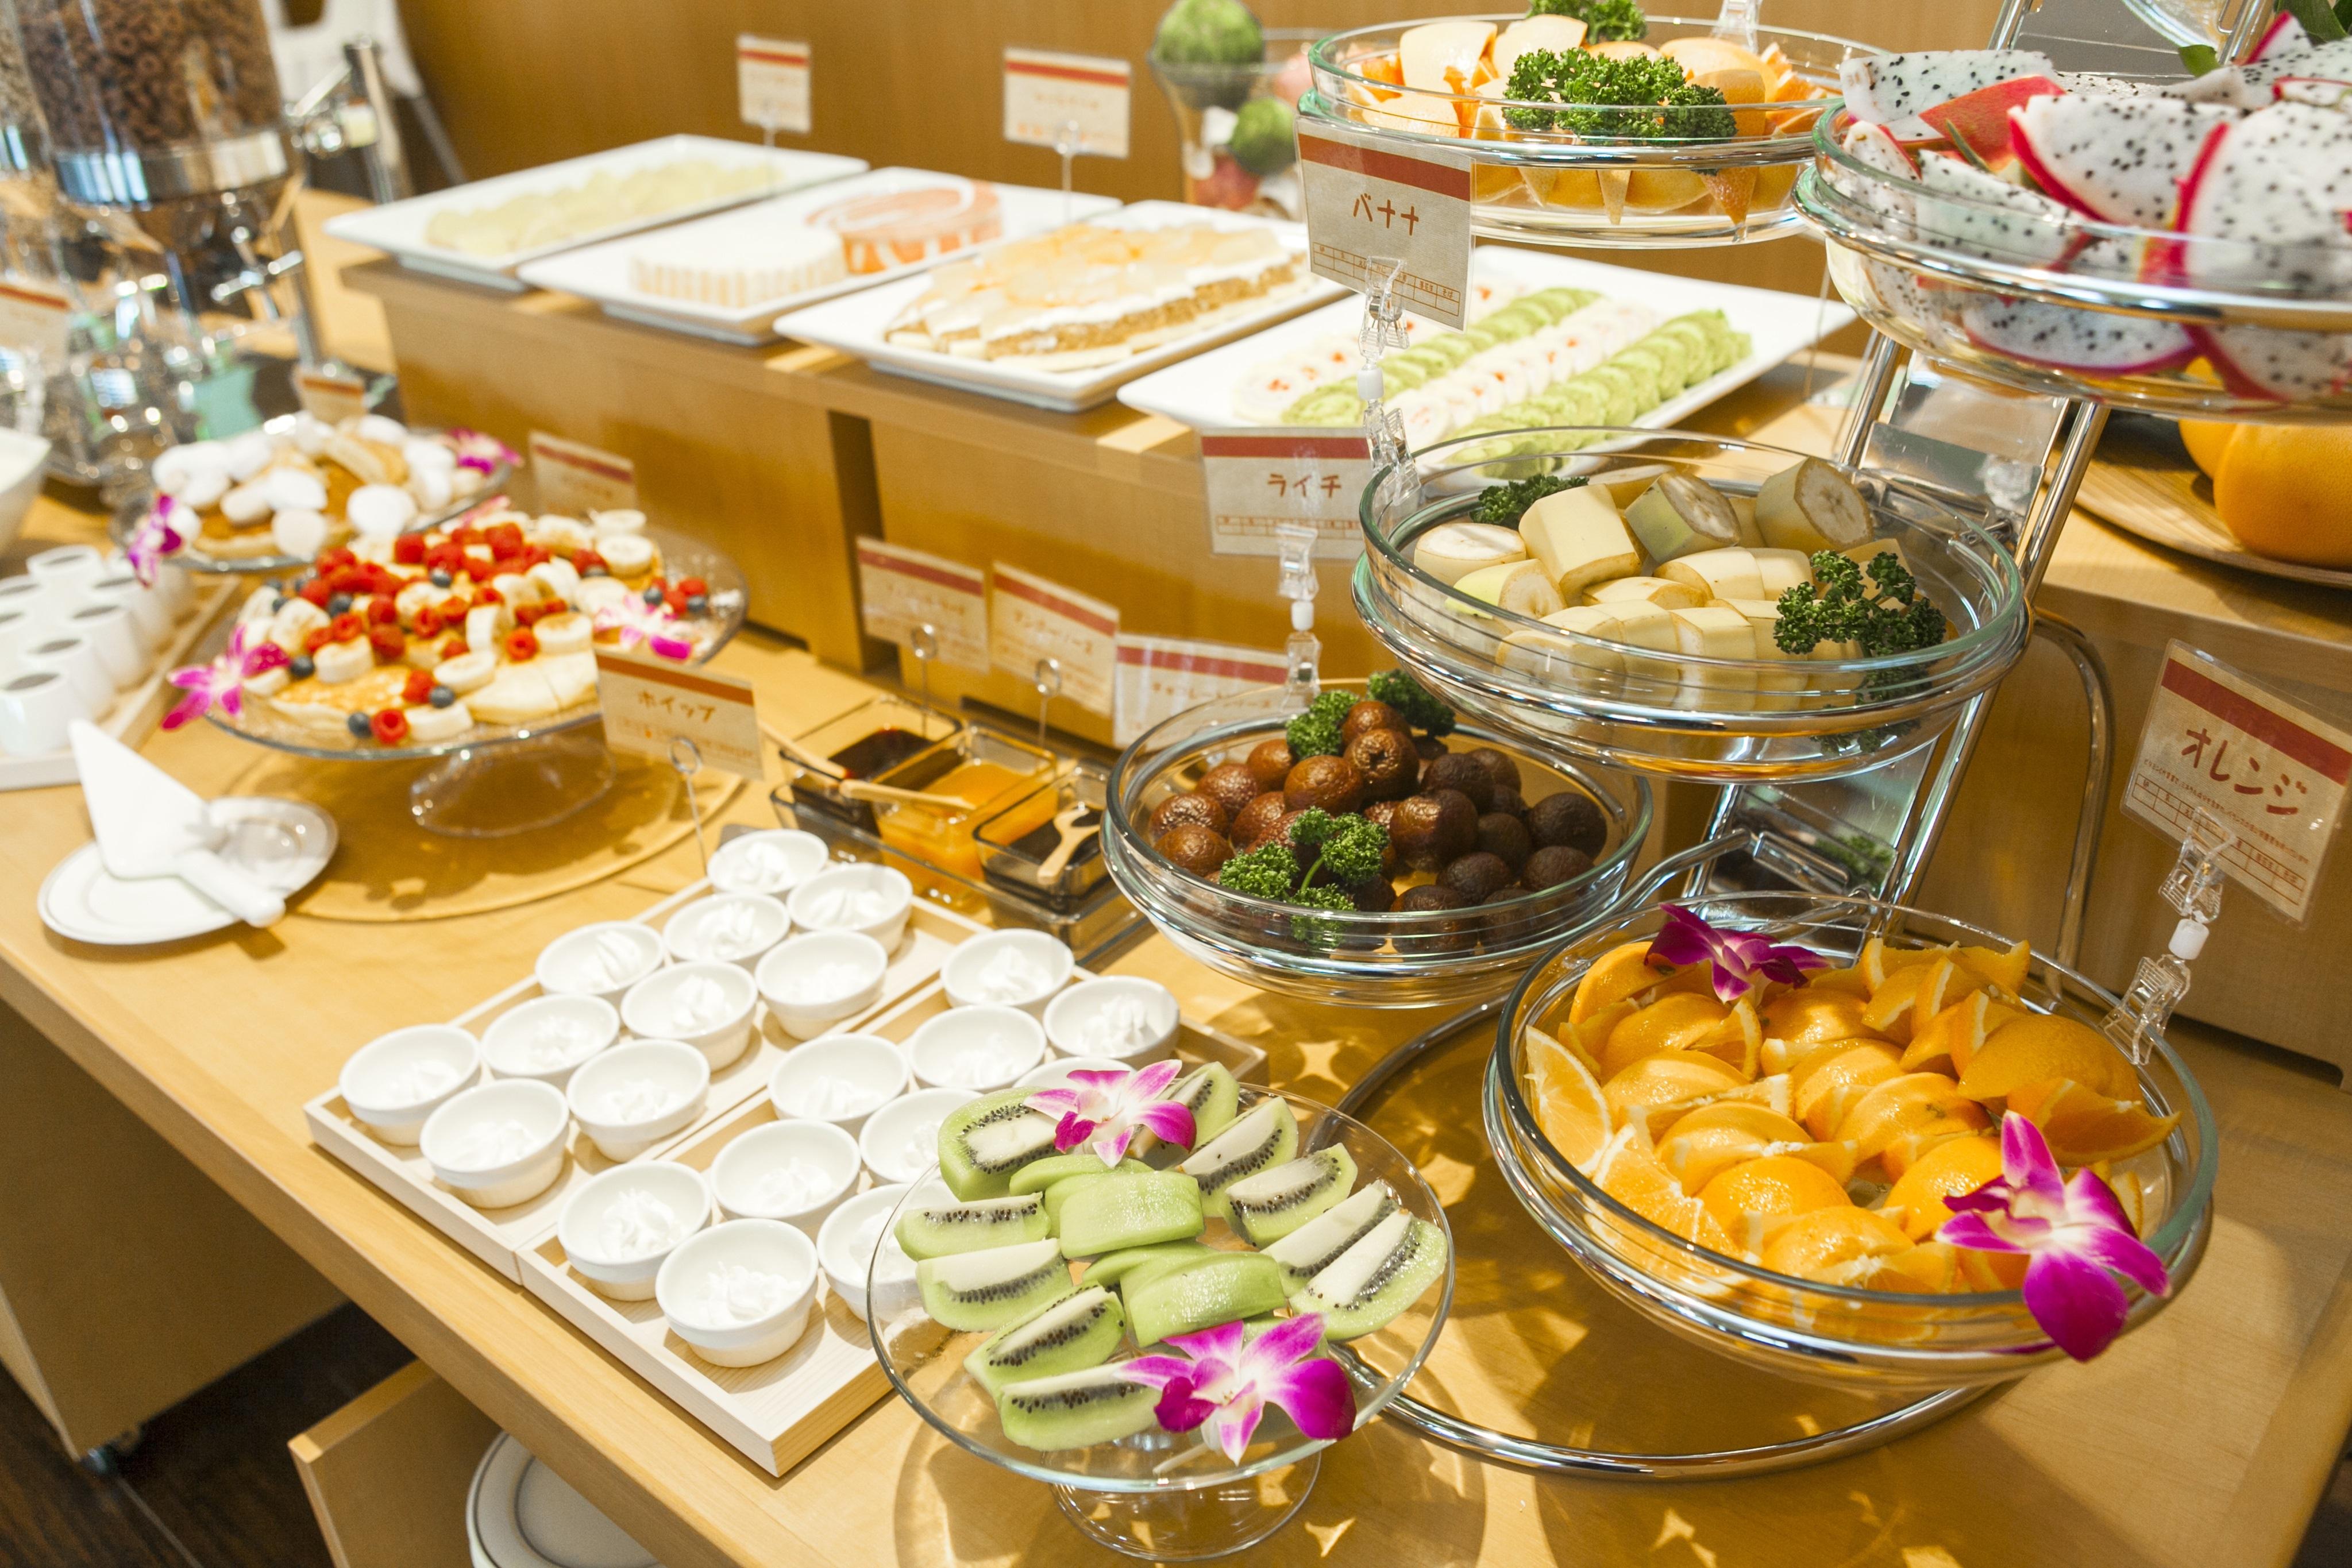 「スイーツ&フルーツ」をテーマにした朝食バイキング